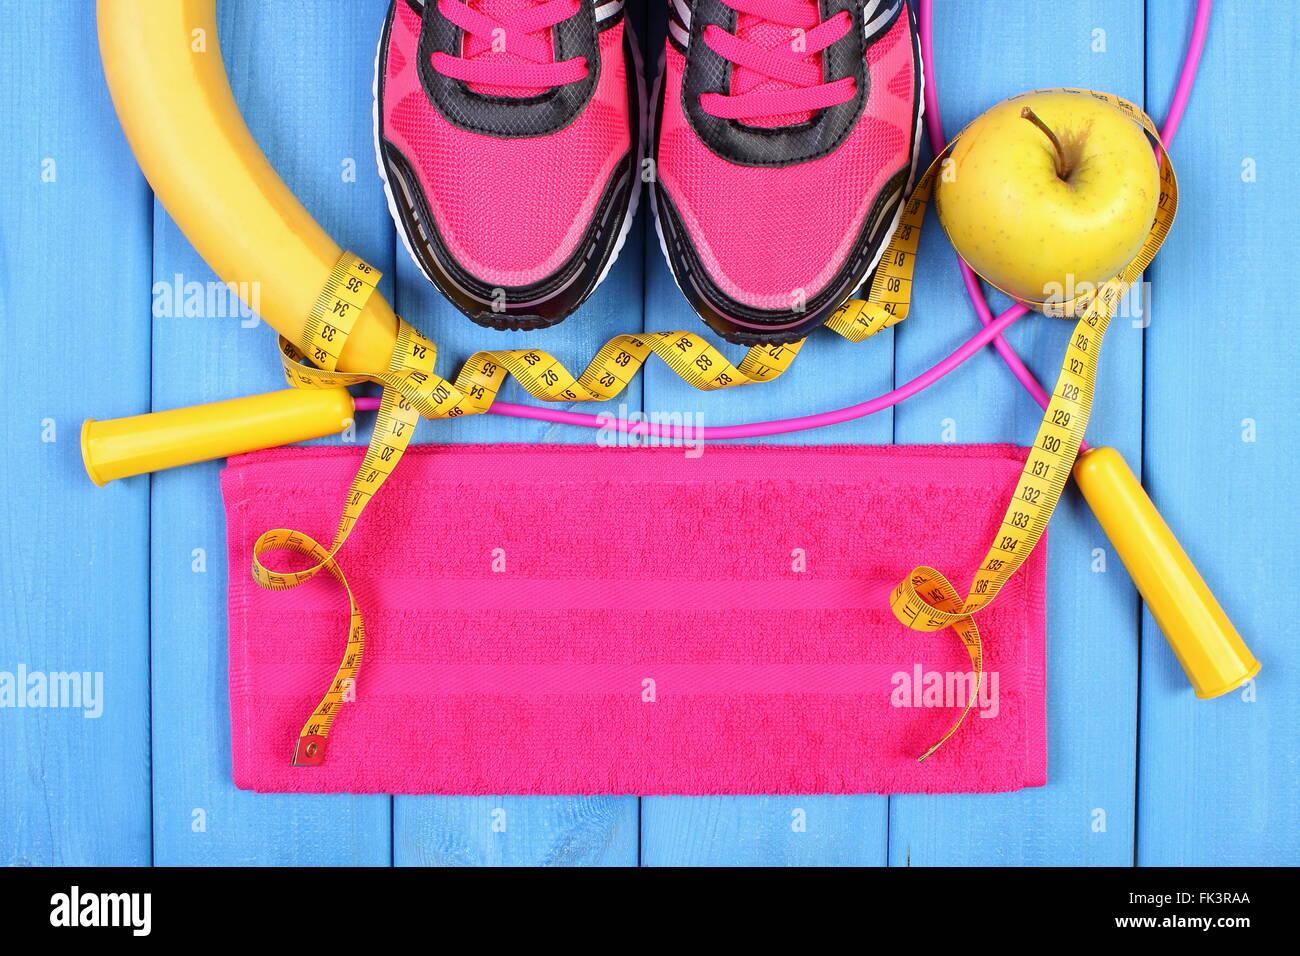 Coppia di scarpe sportive, frutta fresca e accessori per il fitness o sport su schede di blu, sana e uno stile di Immagini Stock